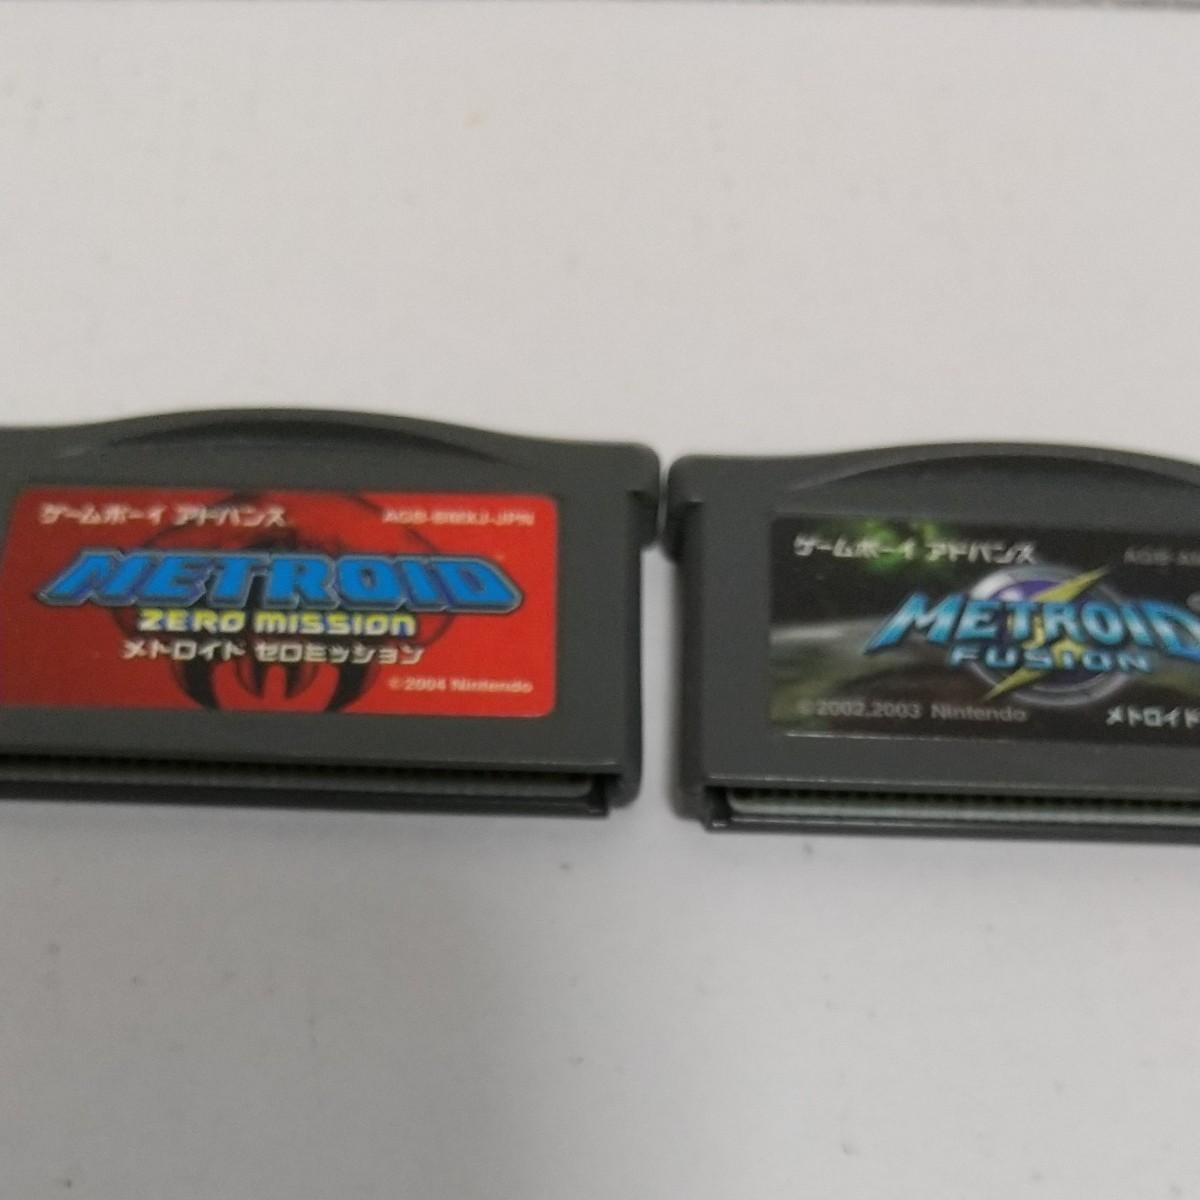 ゲームボーイアドバンス GBA メトロイド ゼロミッション フュージョン ソフト